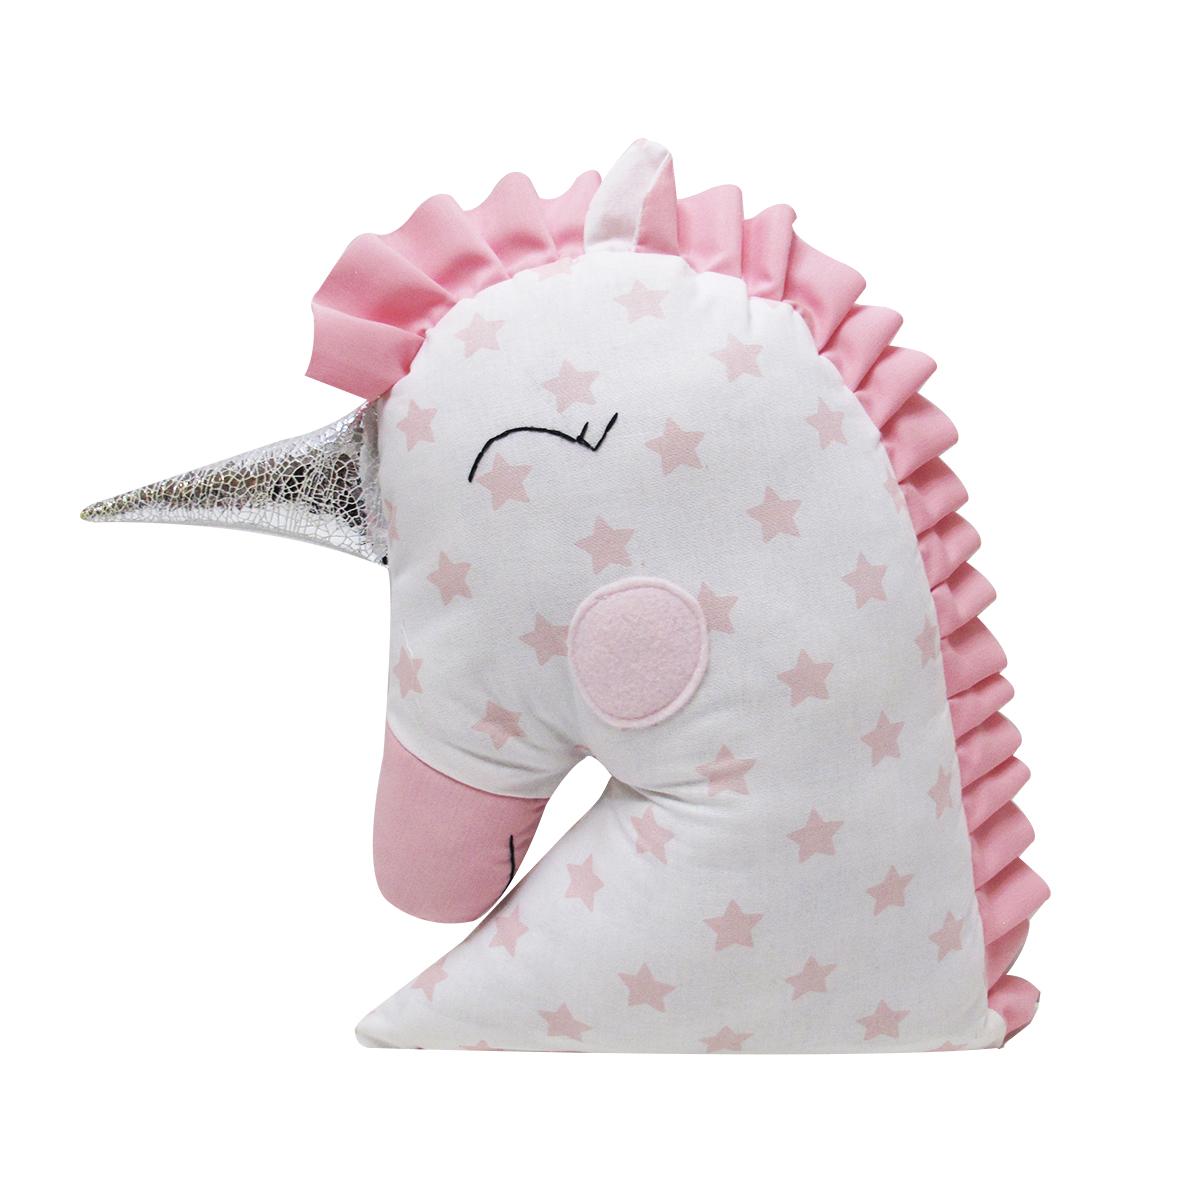 محافظ دور تخت یونیکورن طرح اسب شاخدار کد Un0003